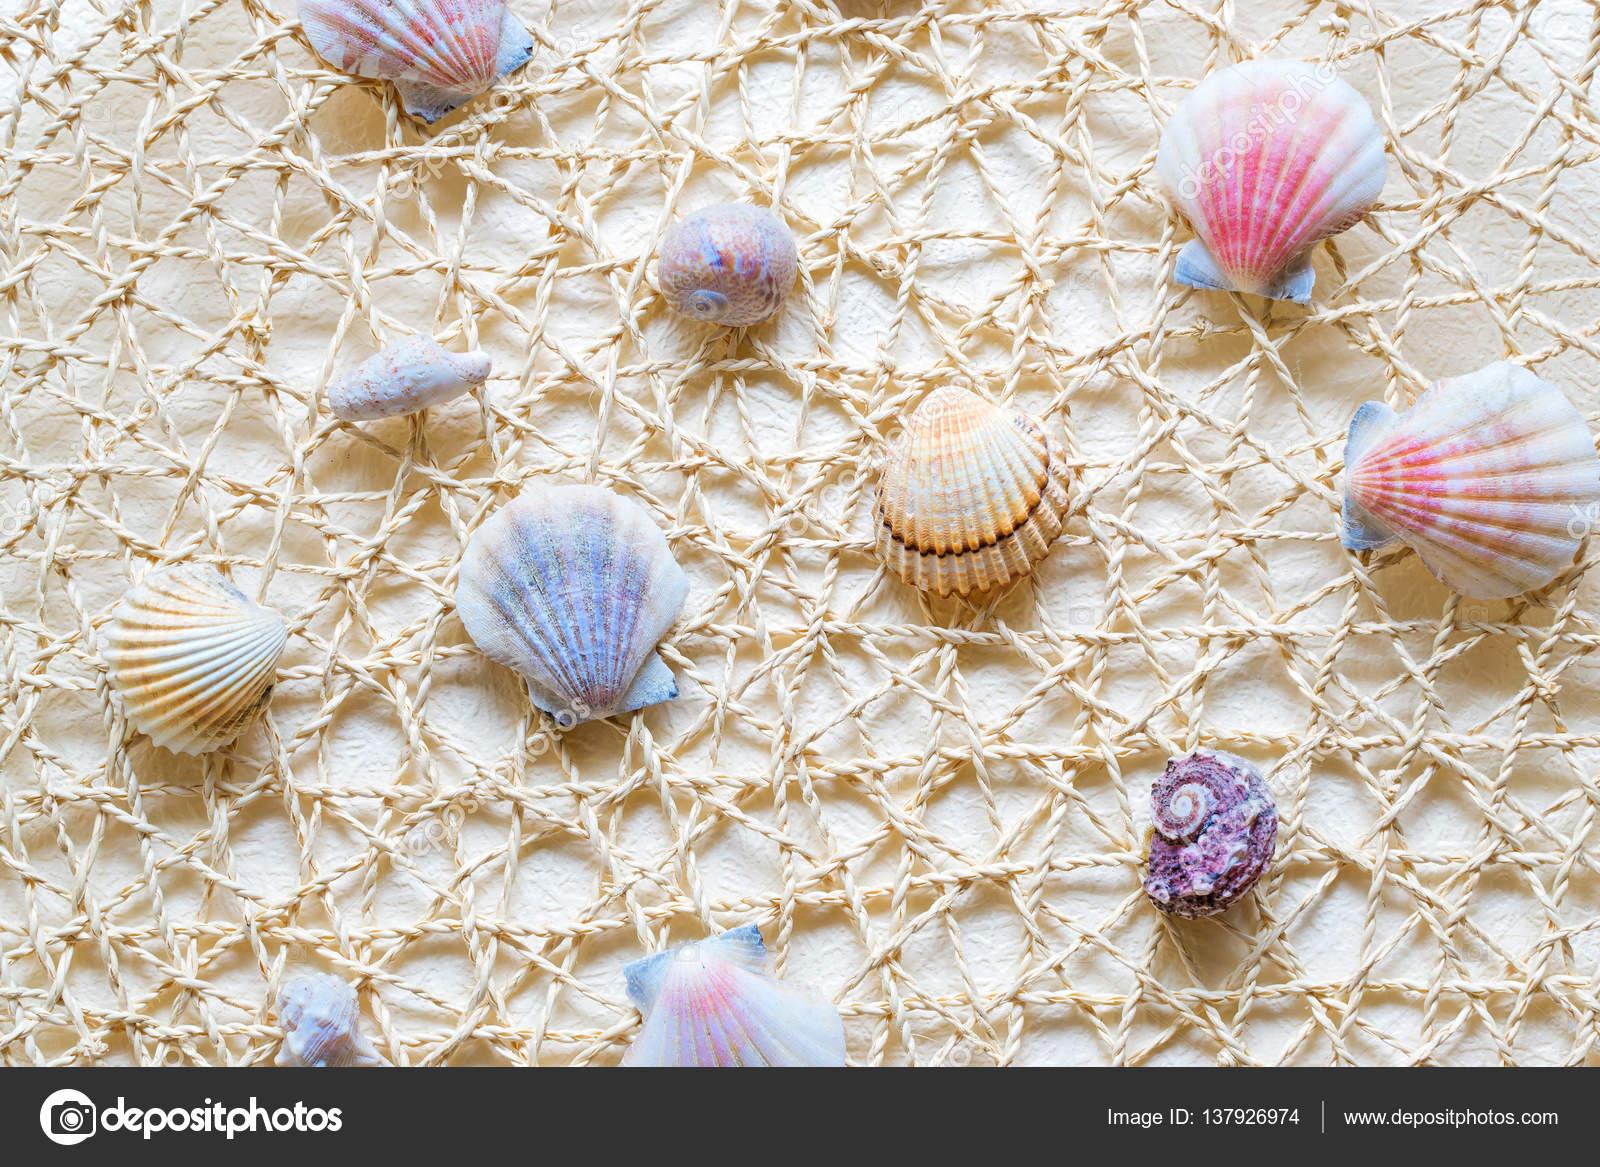 Gaas Het Interieur : Zeeschelpen en tweekleppigen op gaas u stockfoto chasdesign